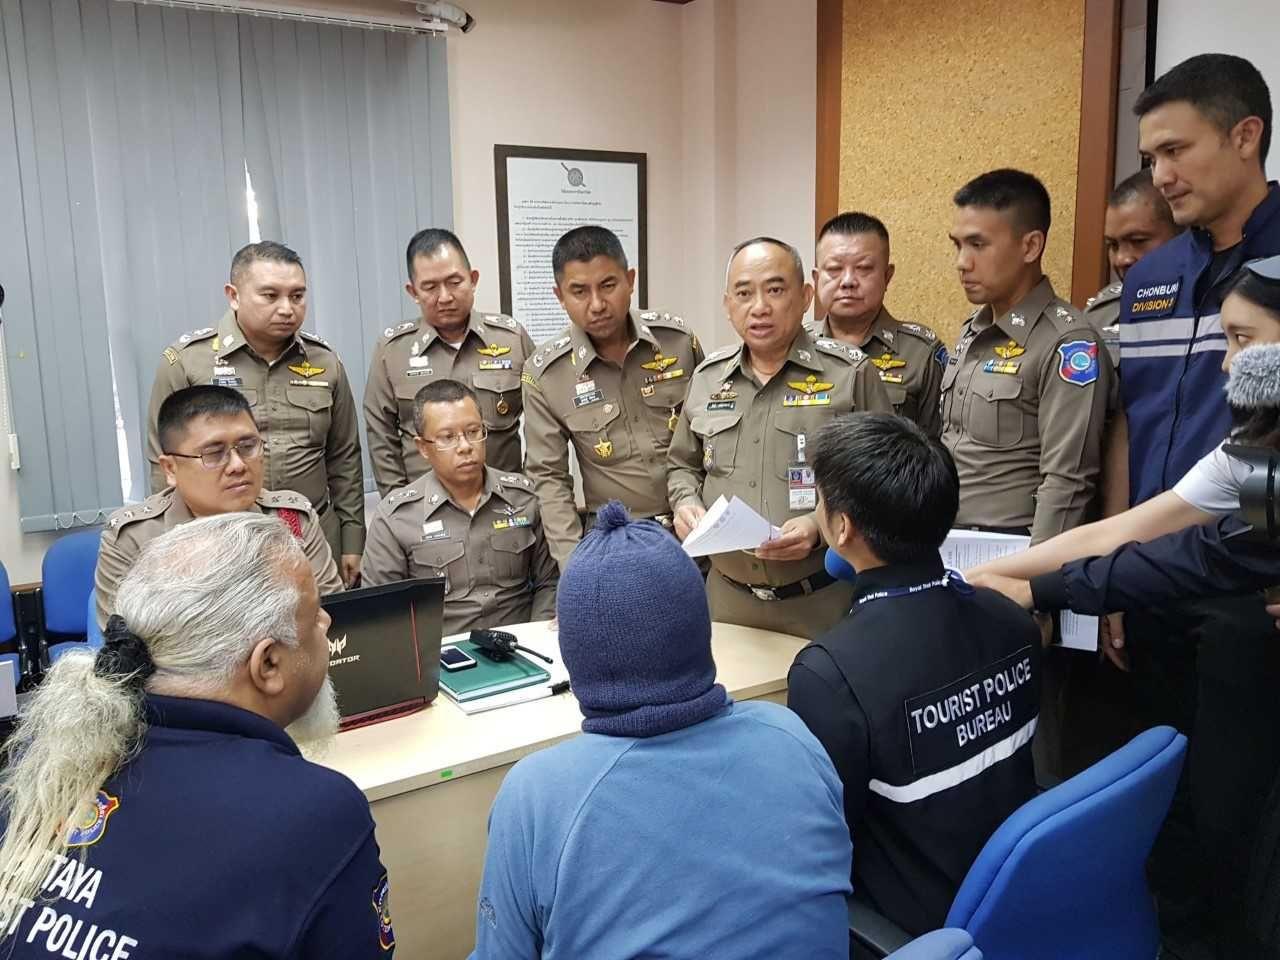 الصور من وسائل اعلام تايلاندية